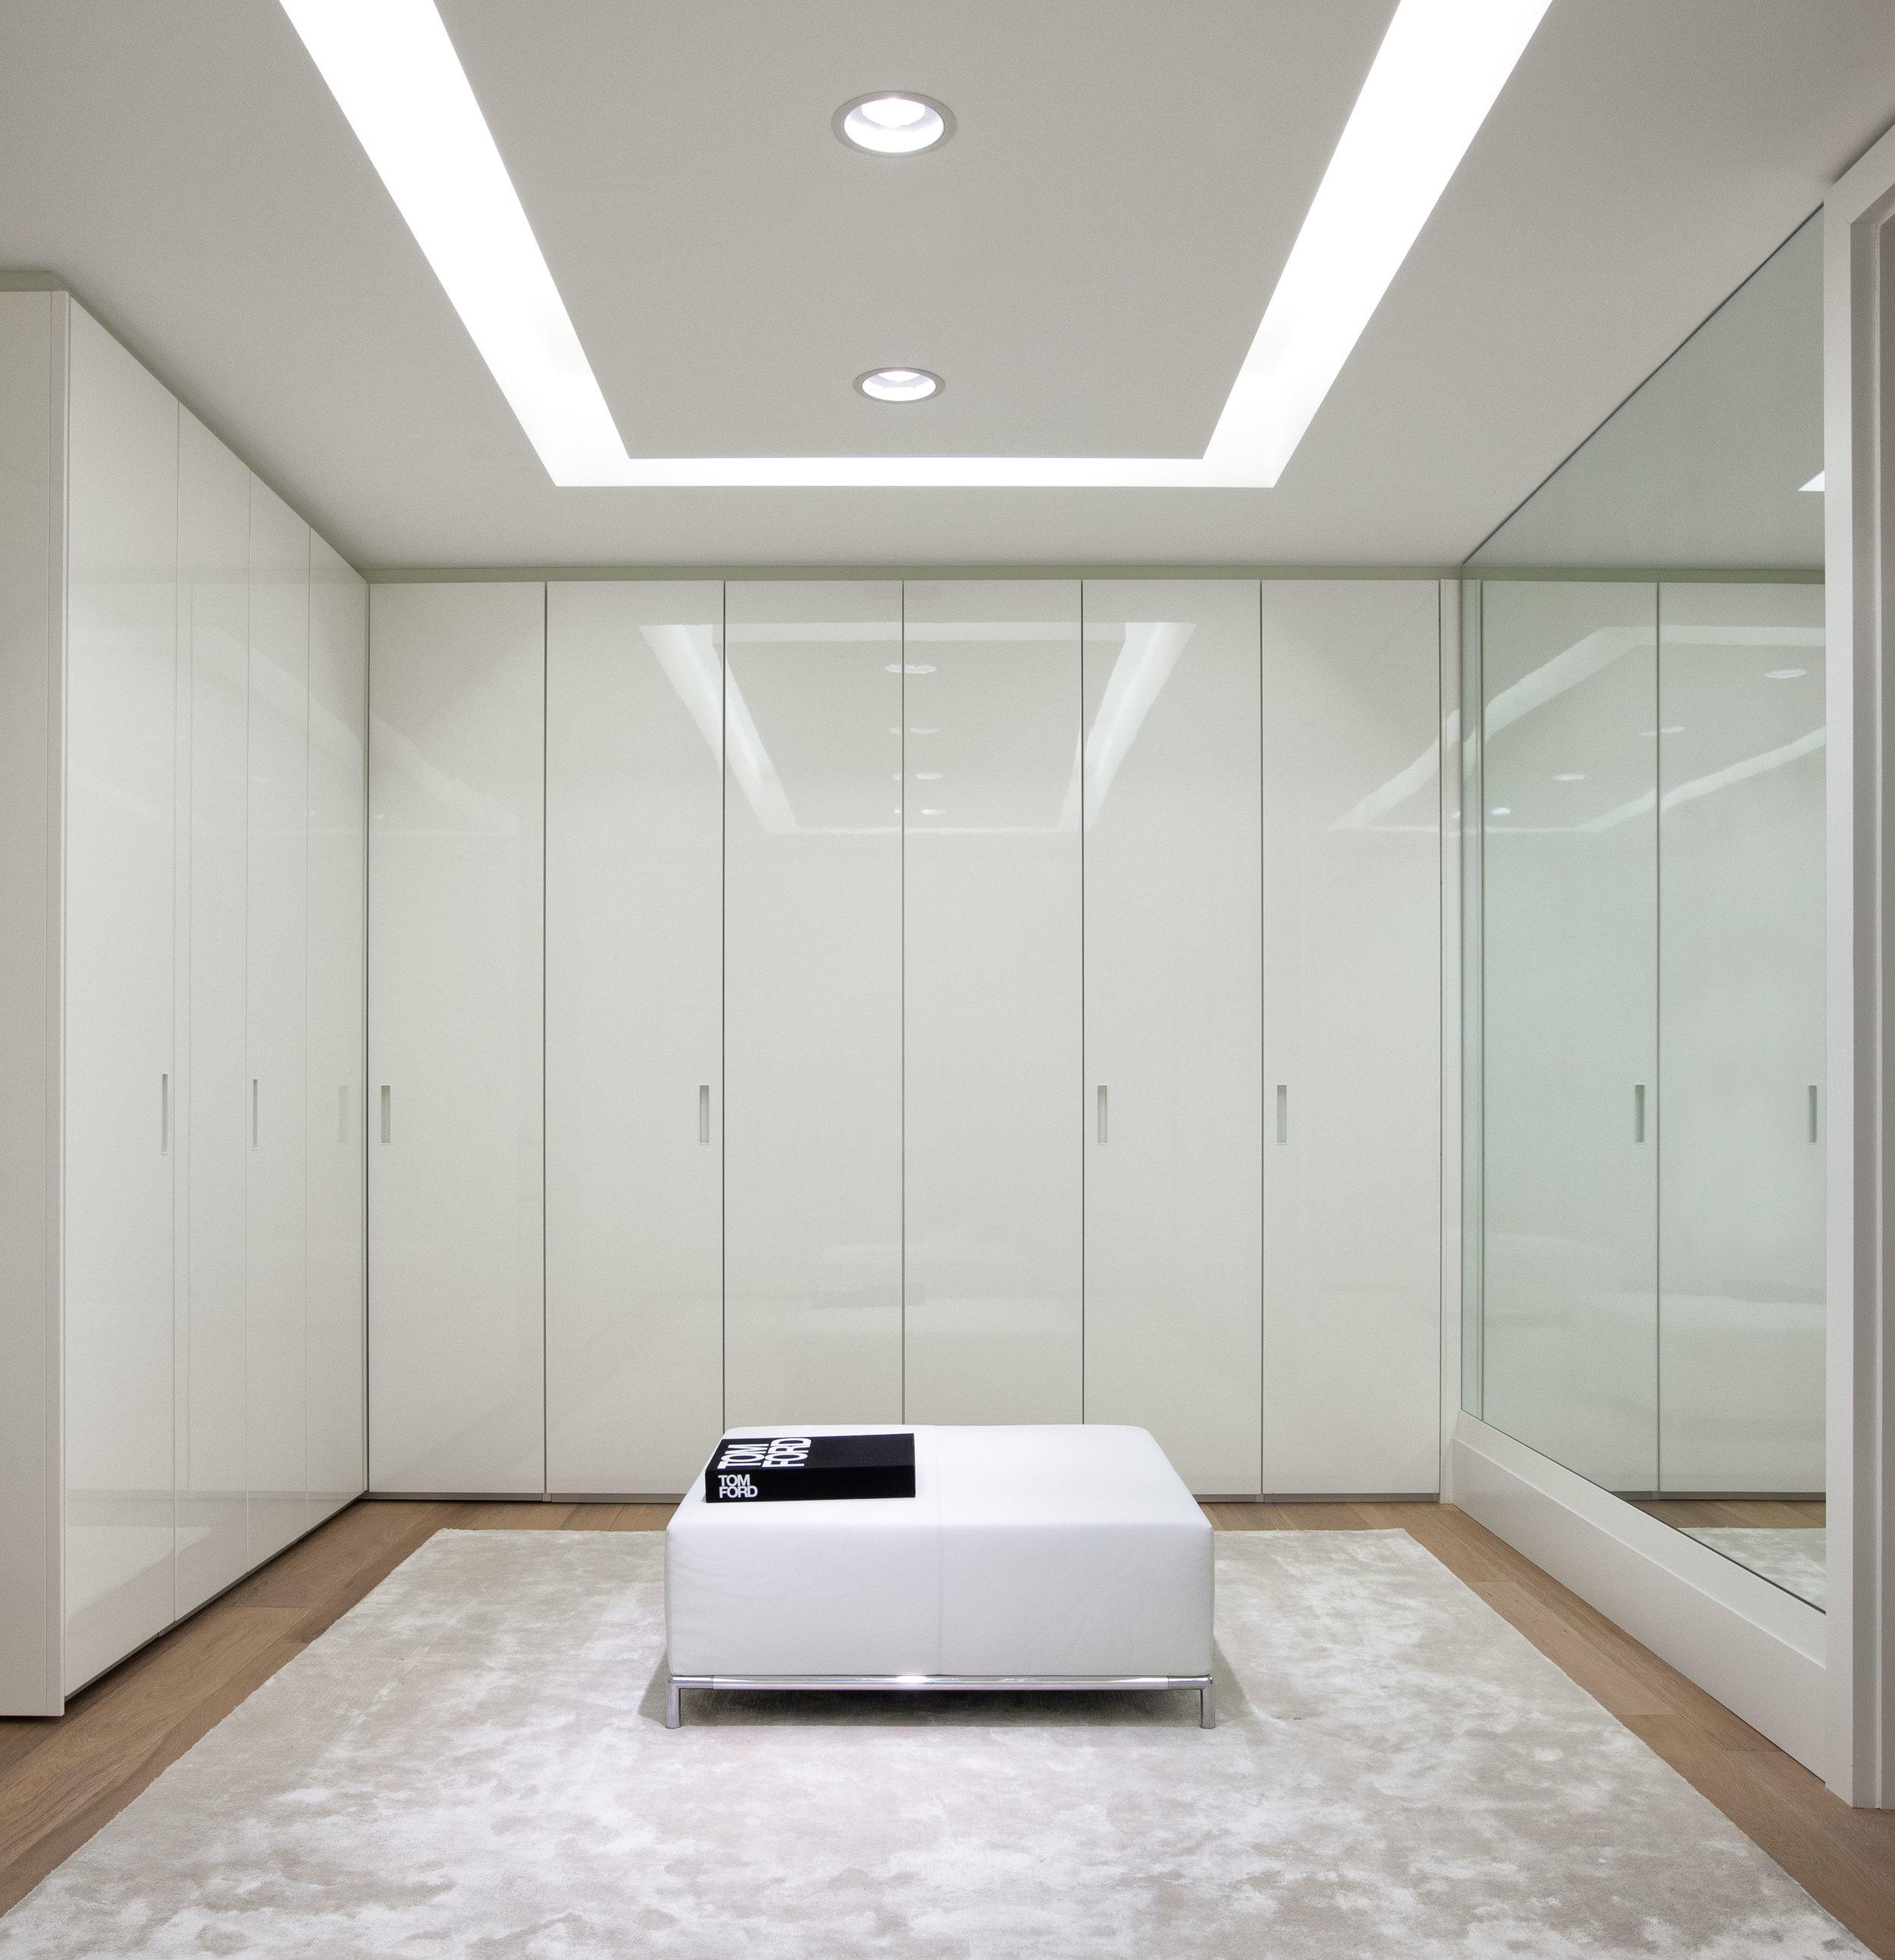 Interiors Design.jpg